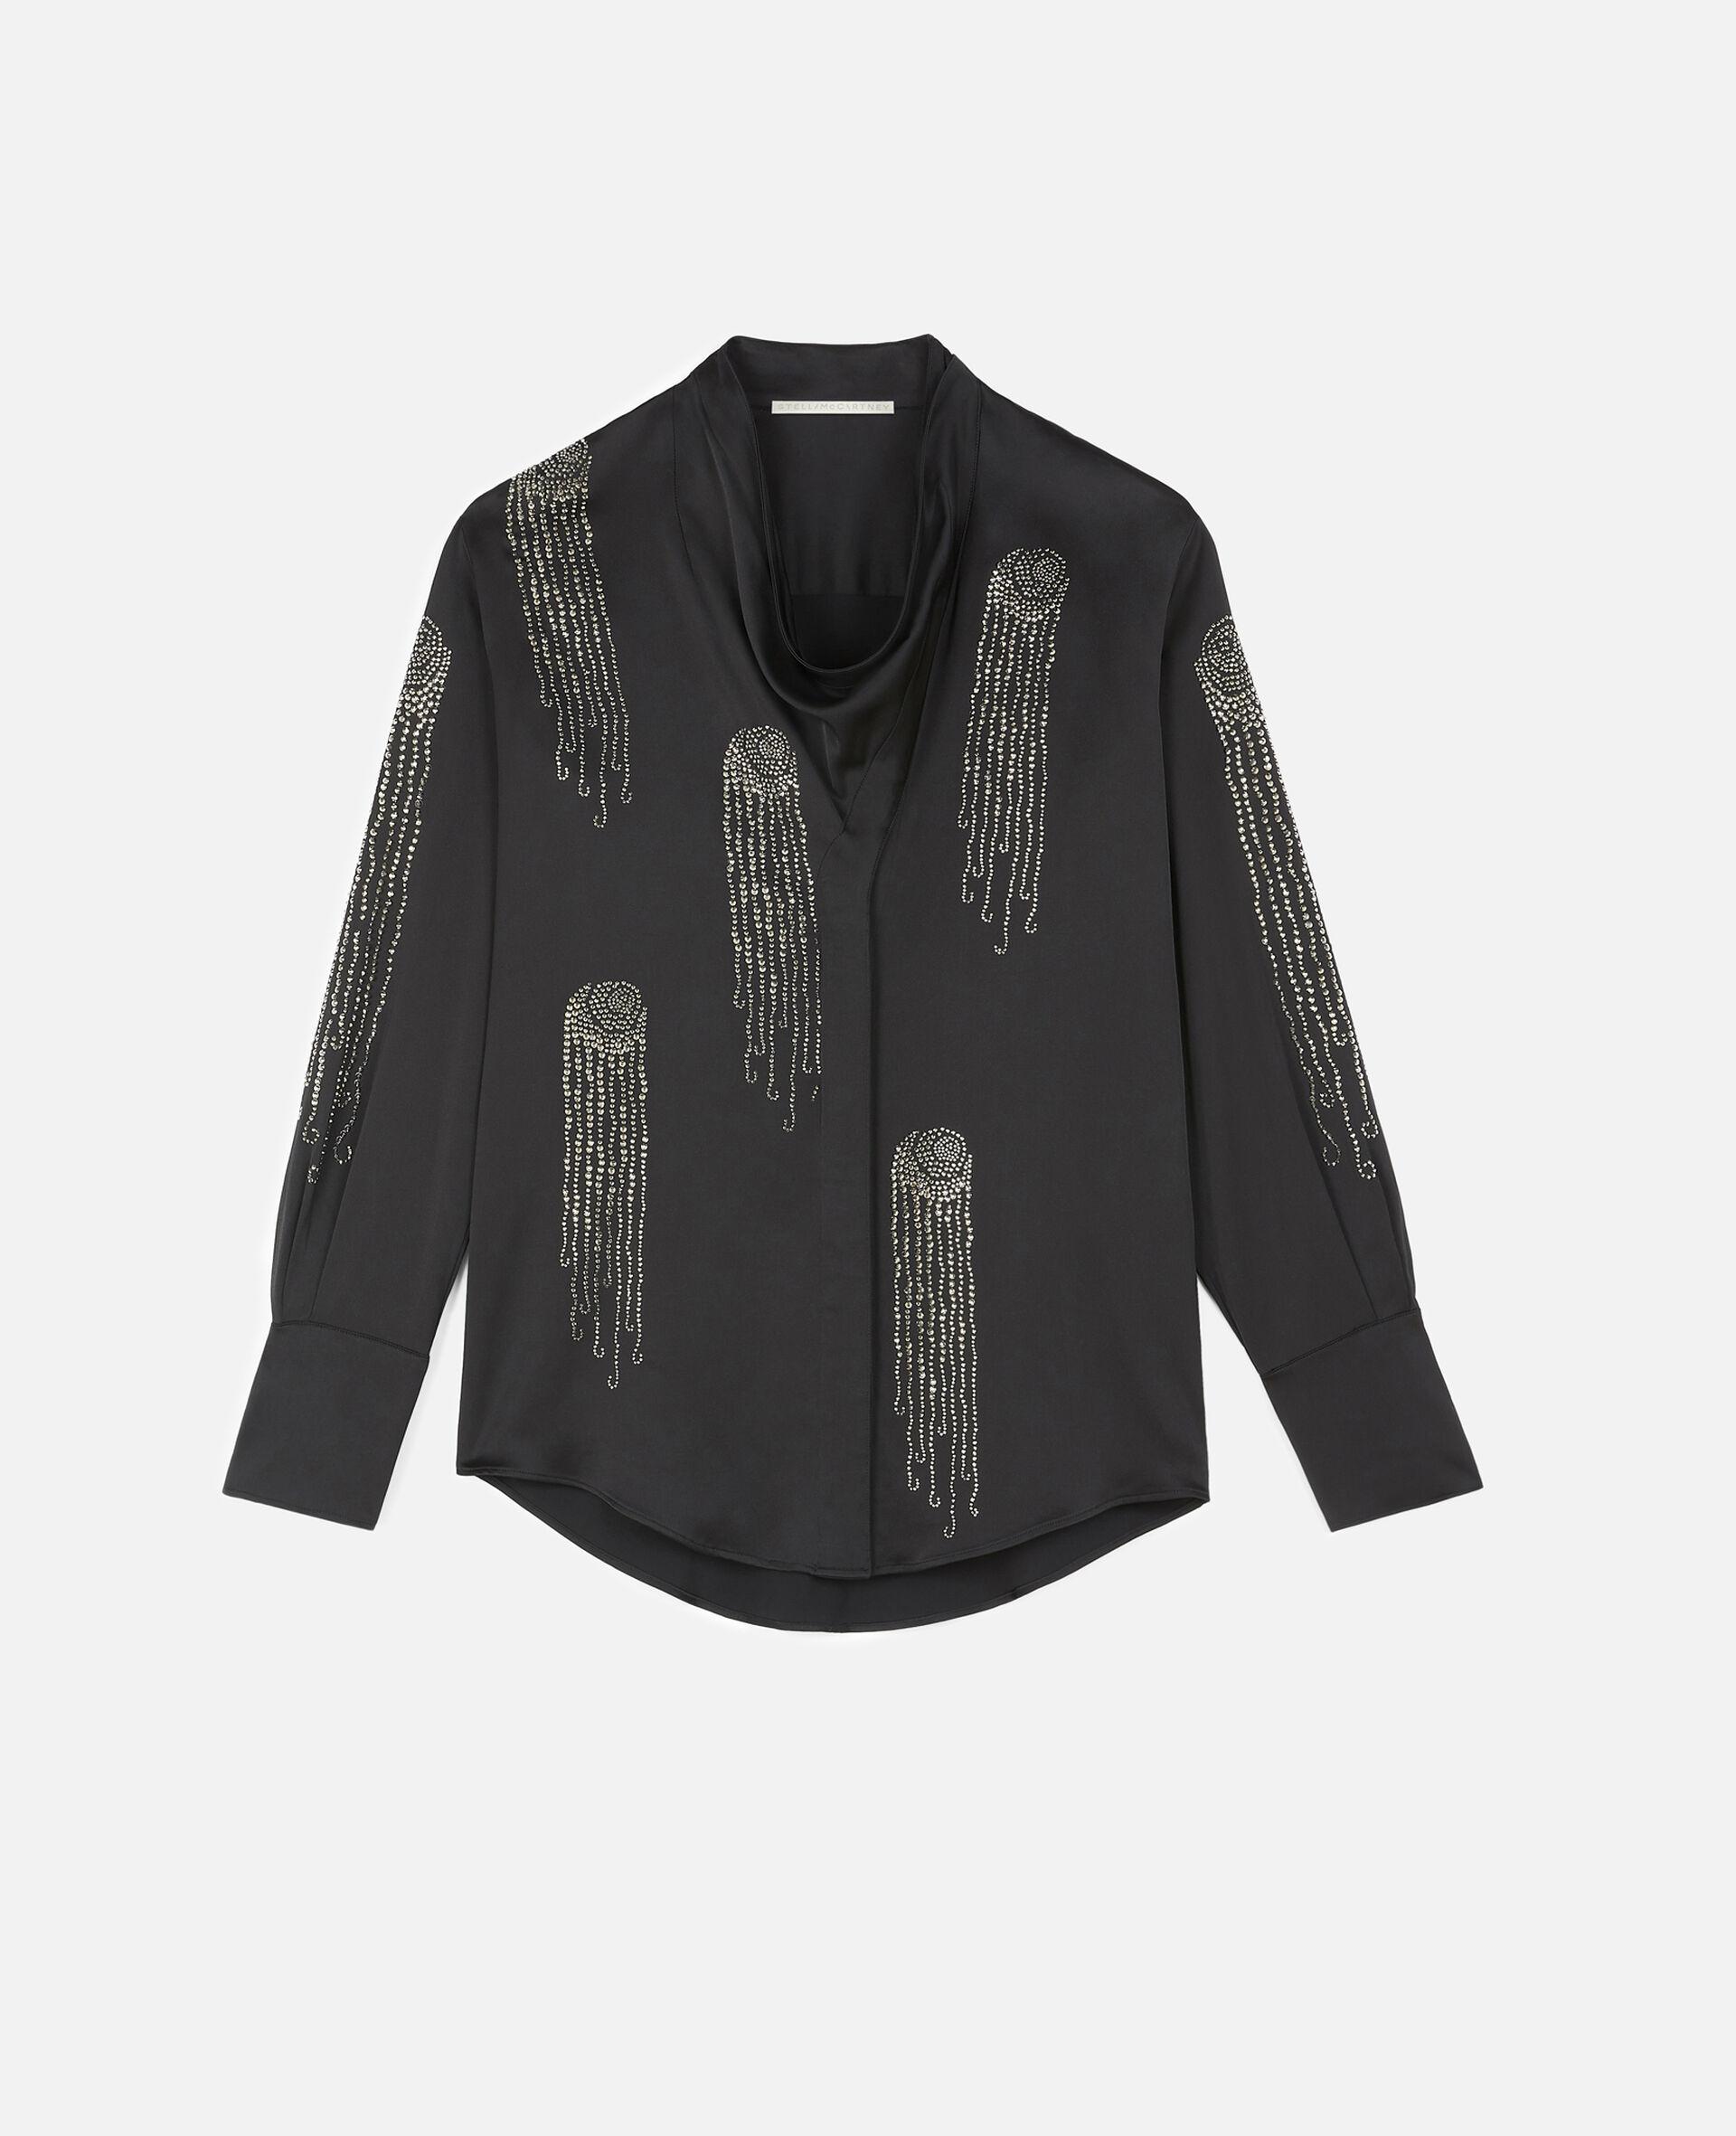 Ambella Hotfix Shirt-Black-large image number 0